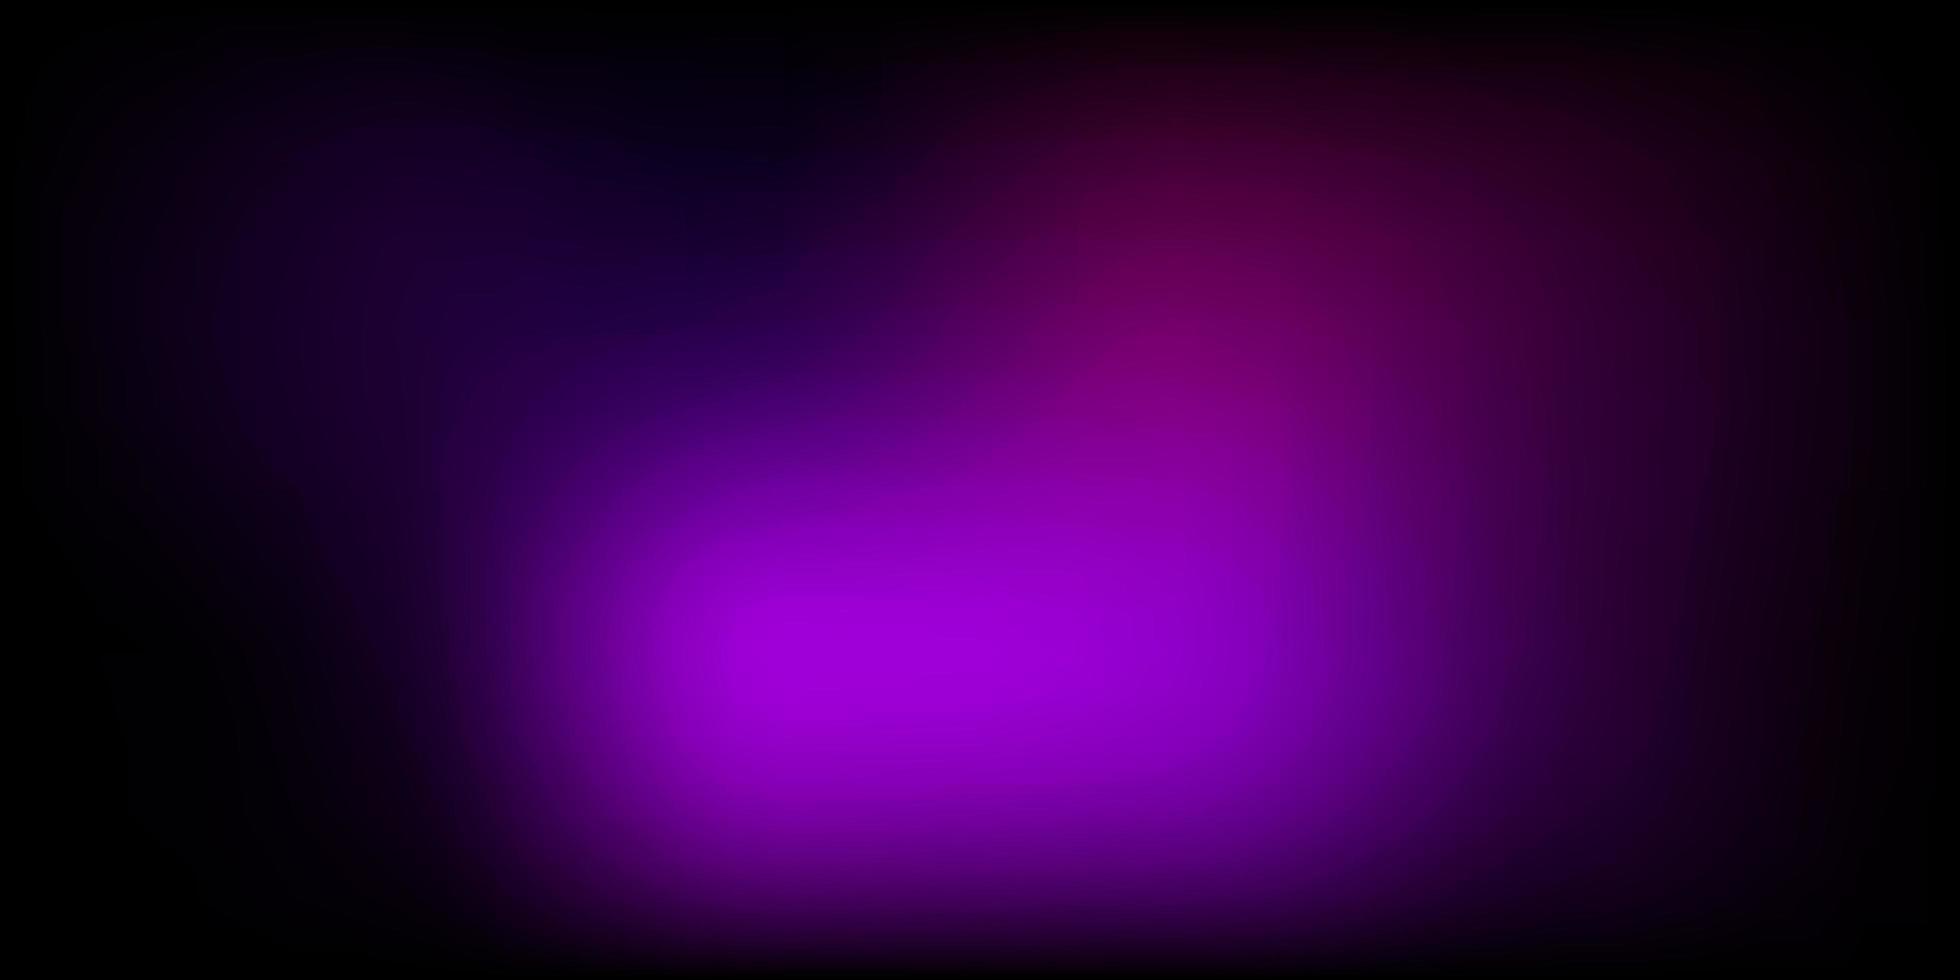 padrão de desfoque gradiente de vetor roxo escuro.